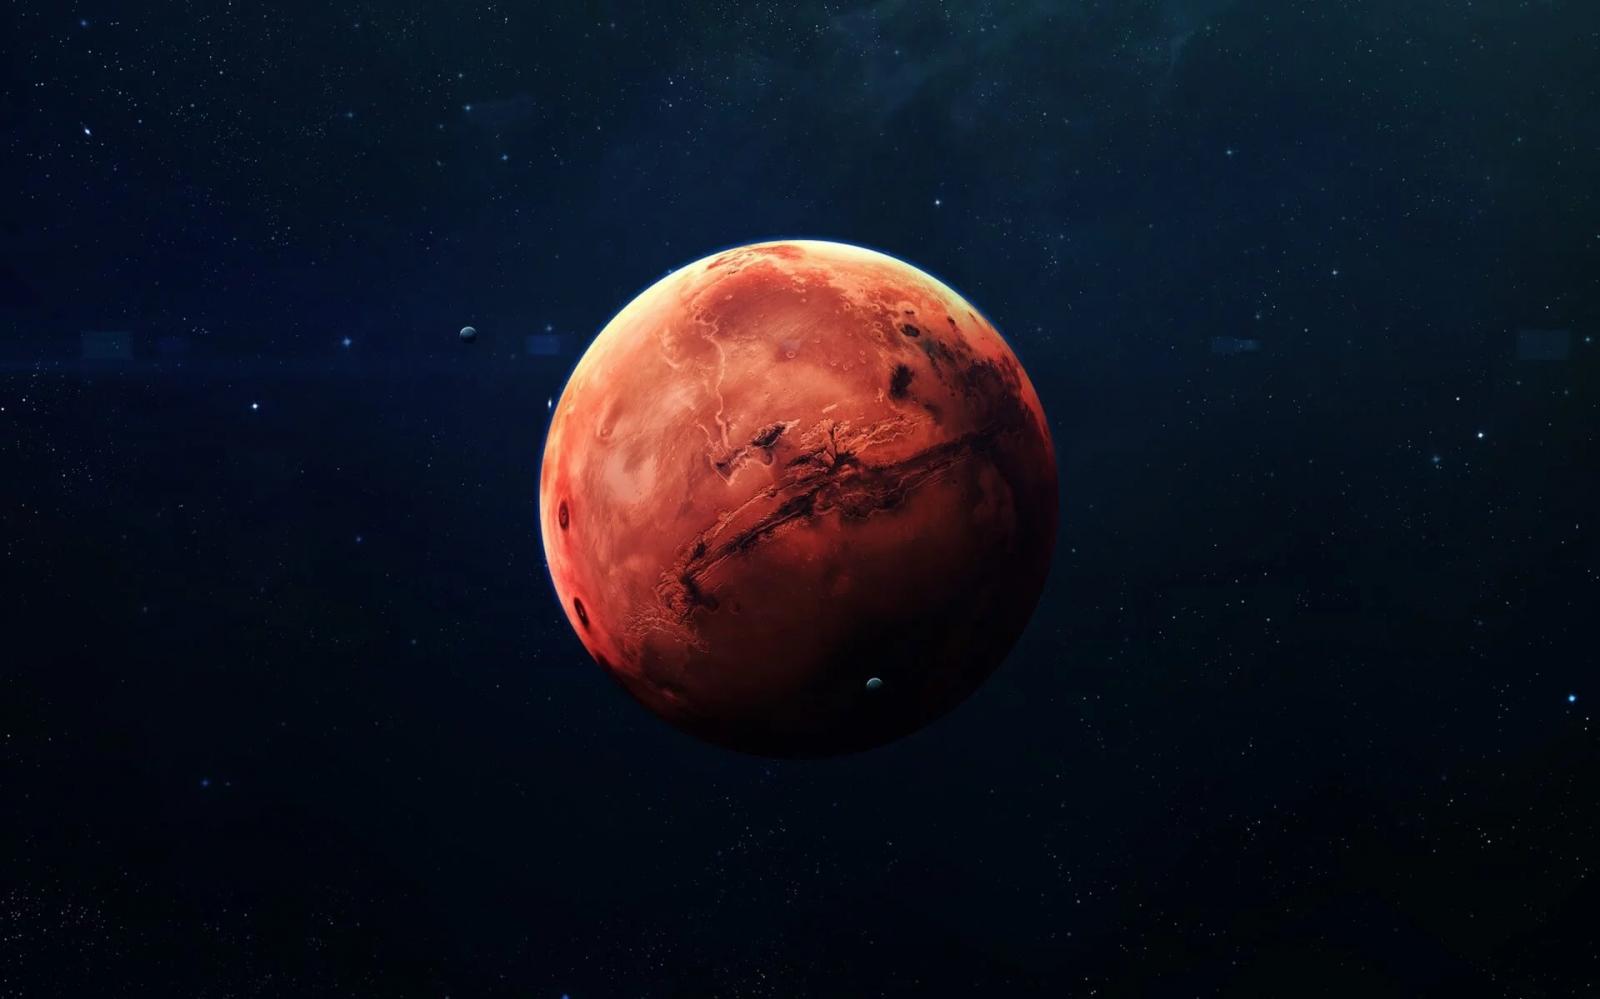 НАСА опубликовало звуки с поверхности Марса